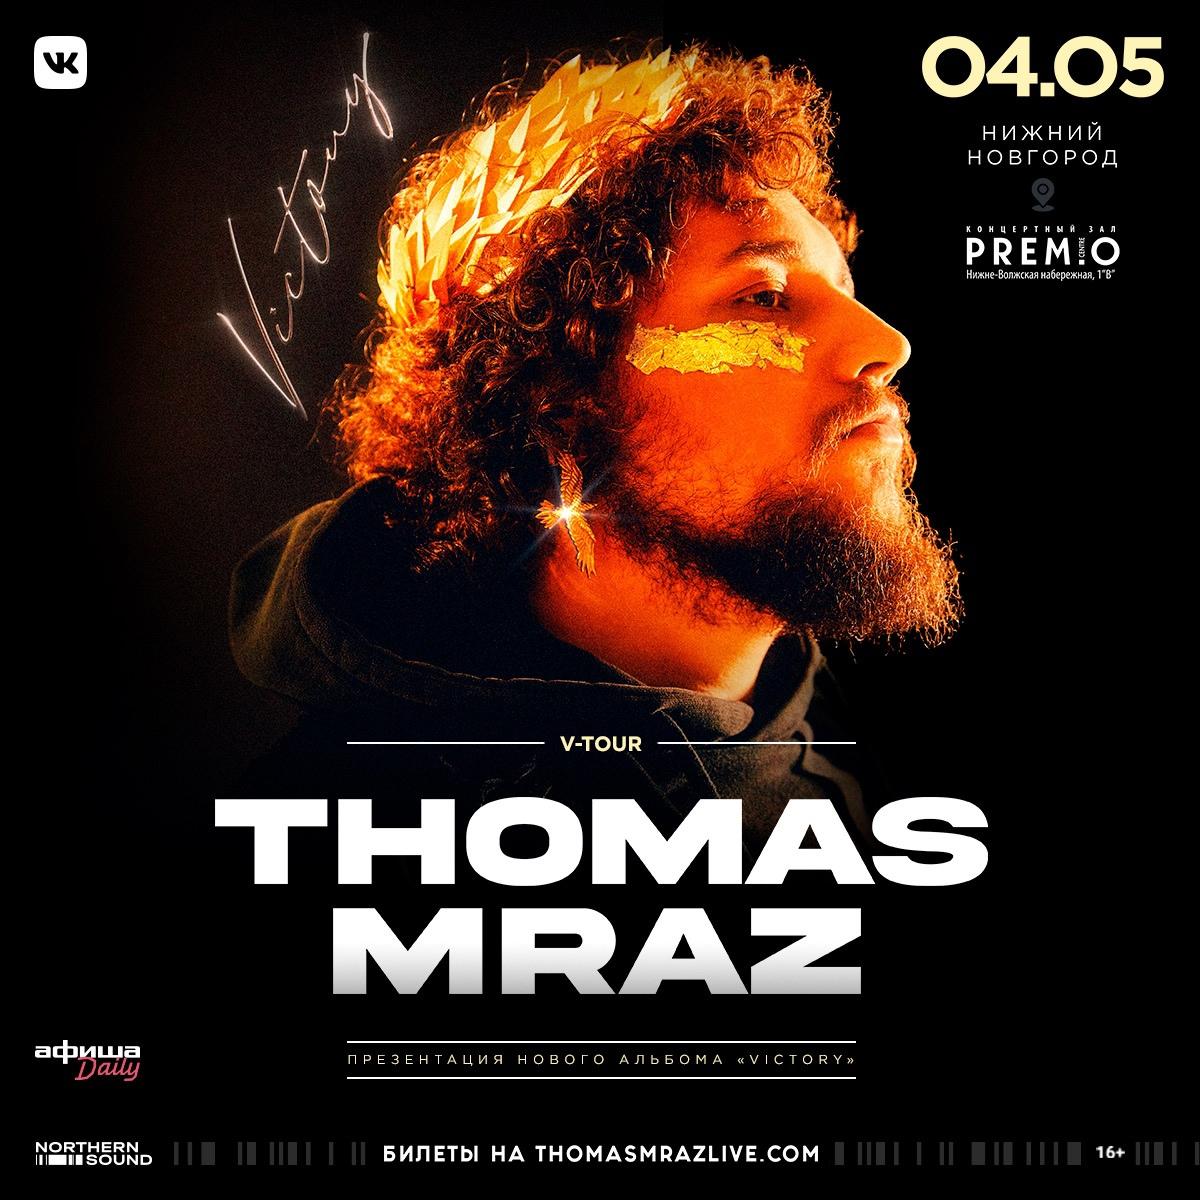 Афиша Thomas Mraz / 4.05 / Premio